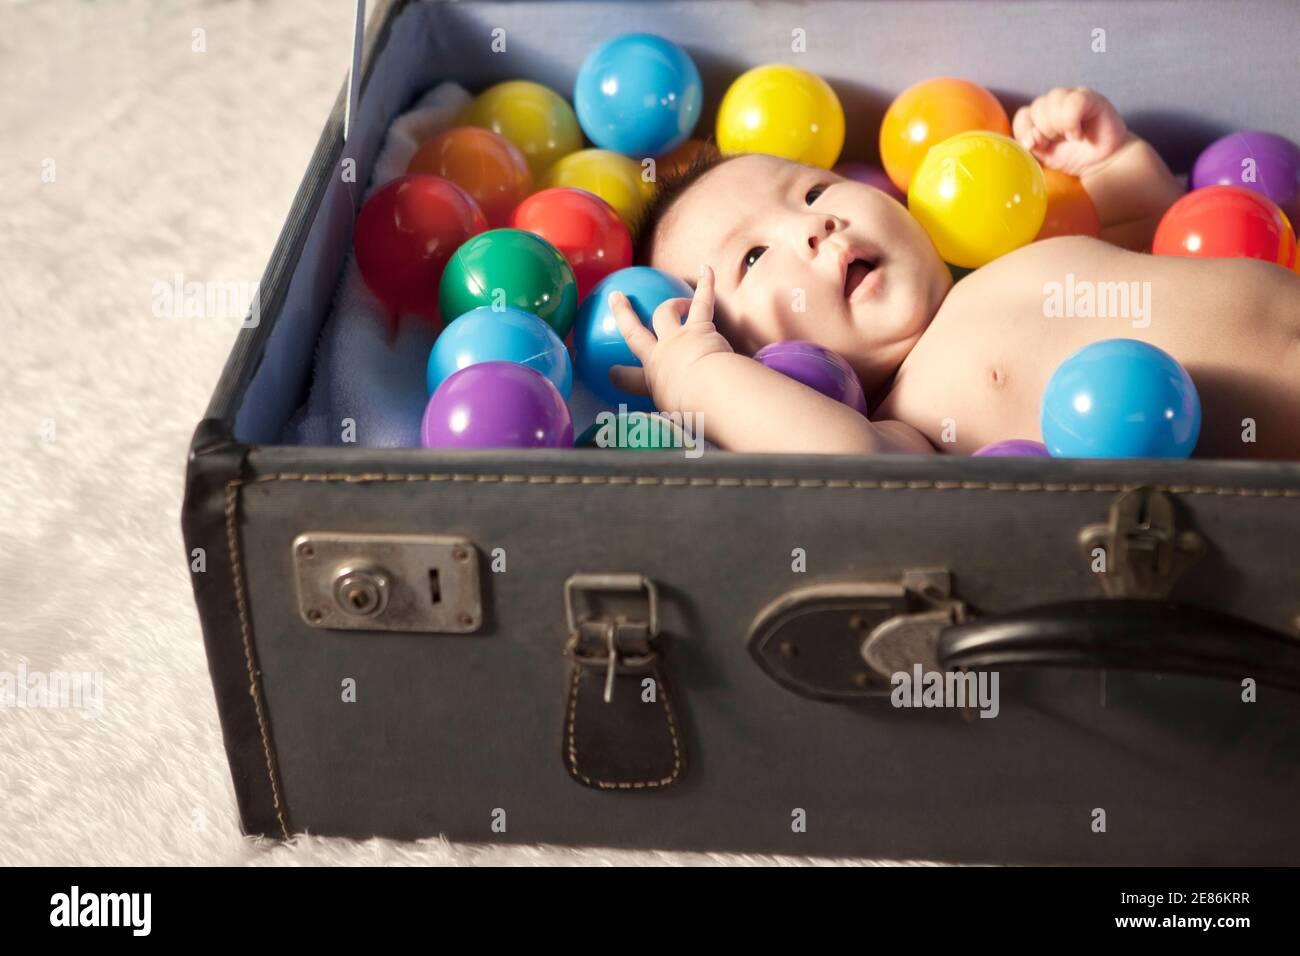 Un bebé acostado en la maleta con bolas de color foto de alta calidad Foto de stock